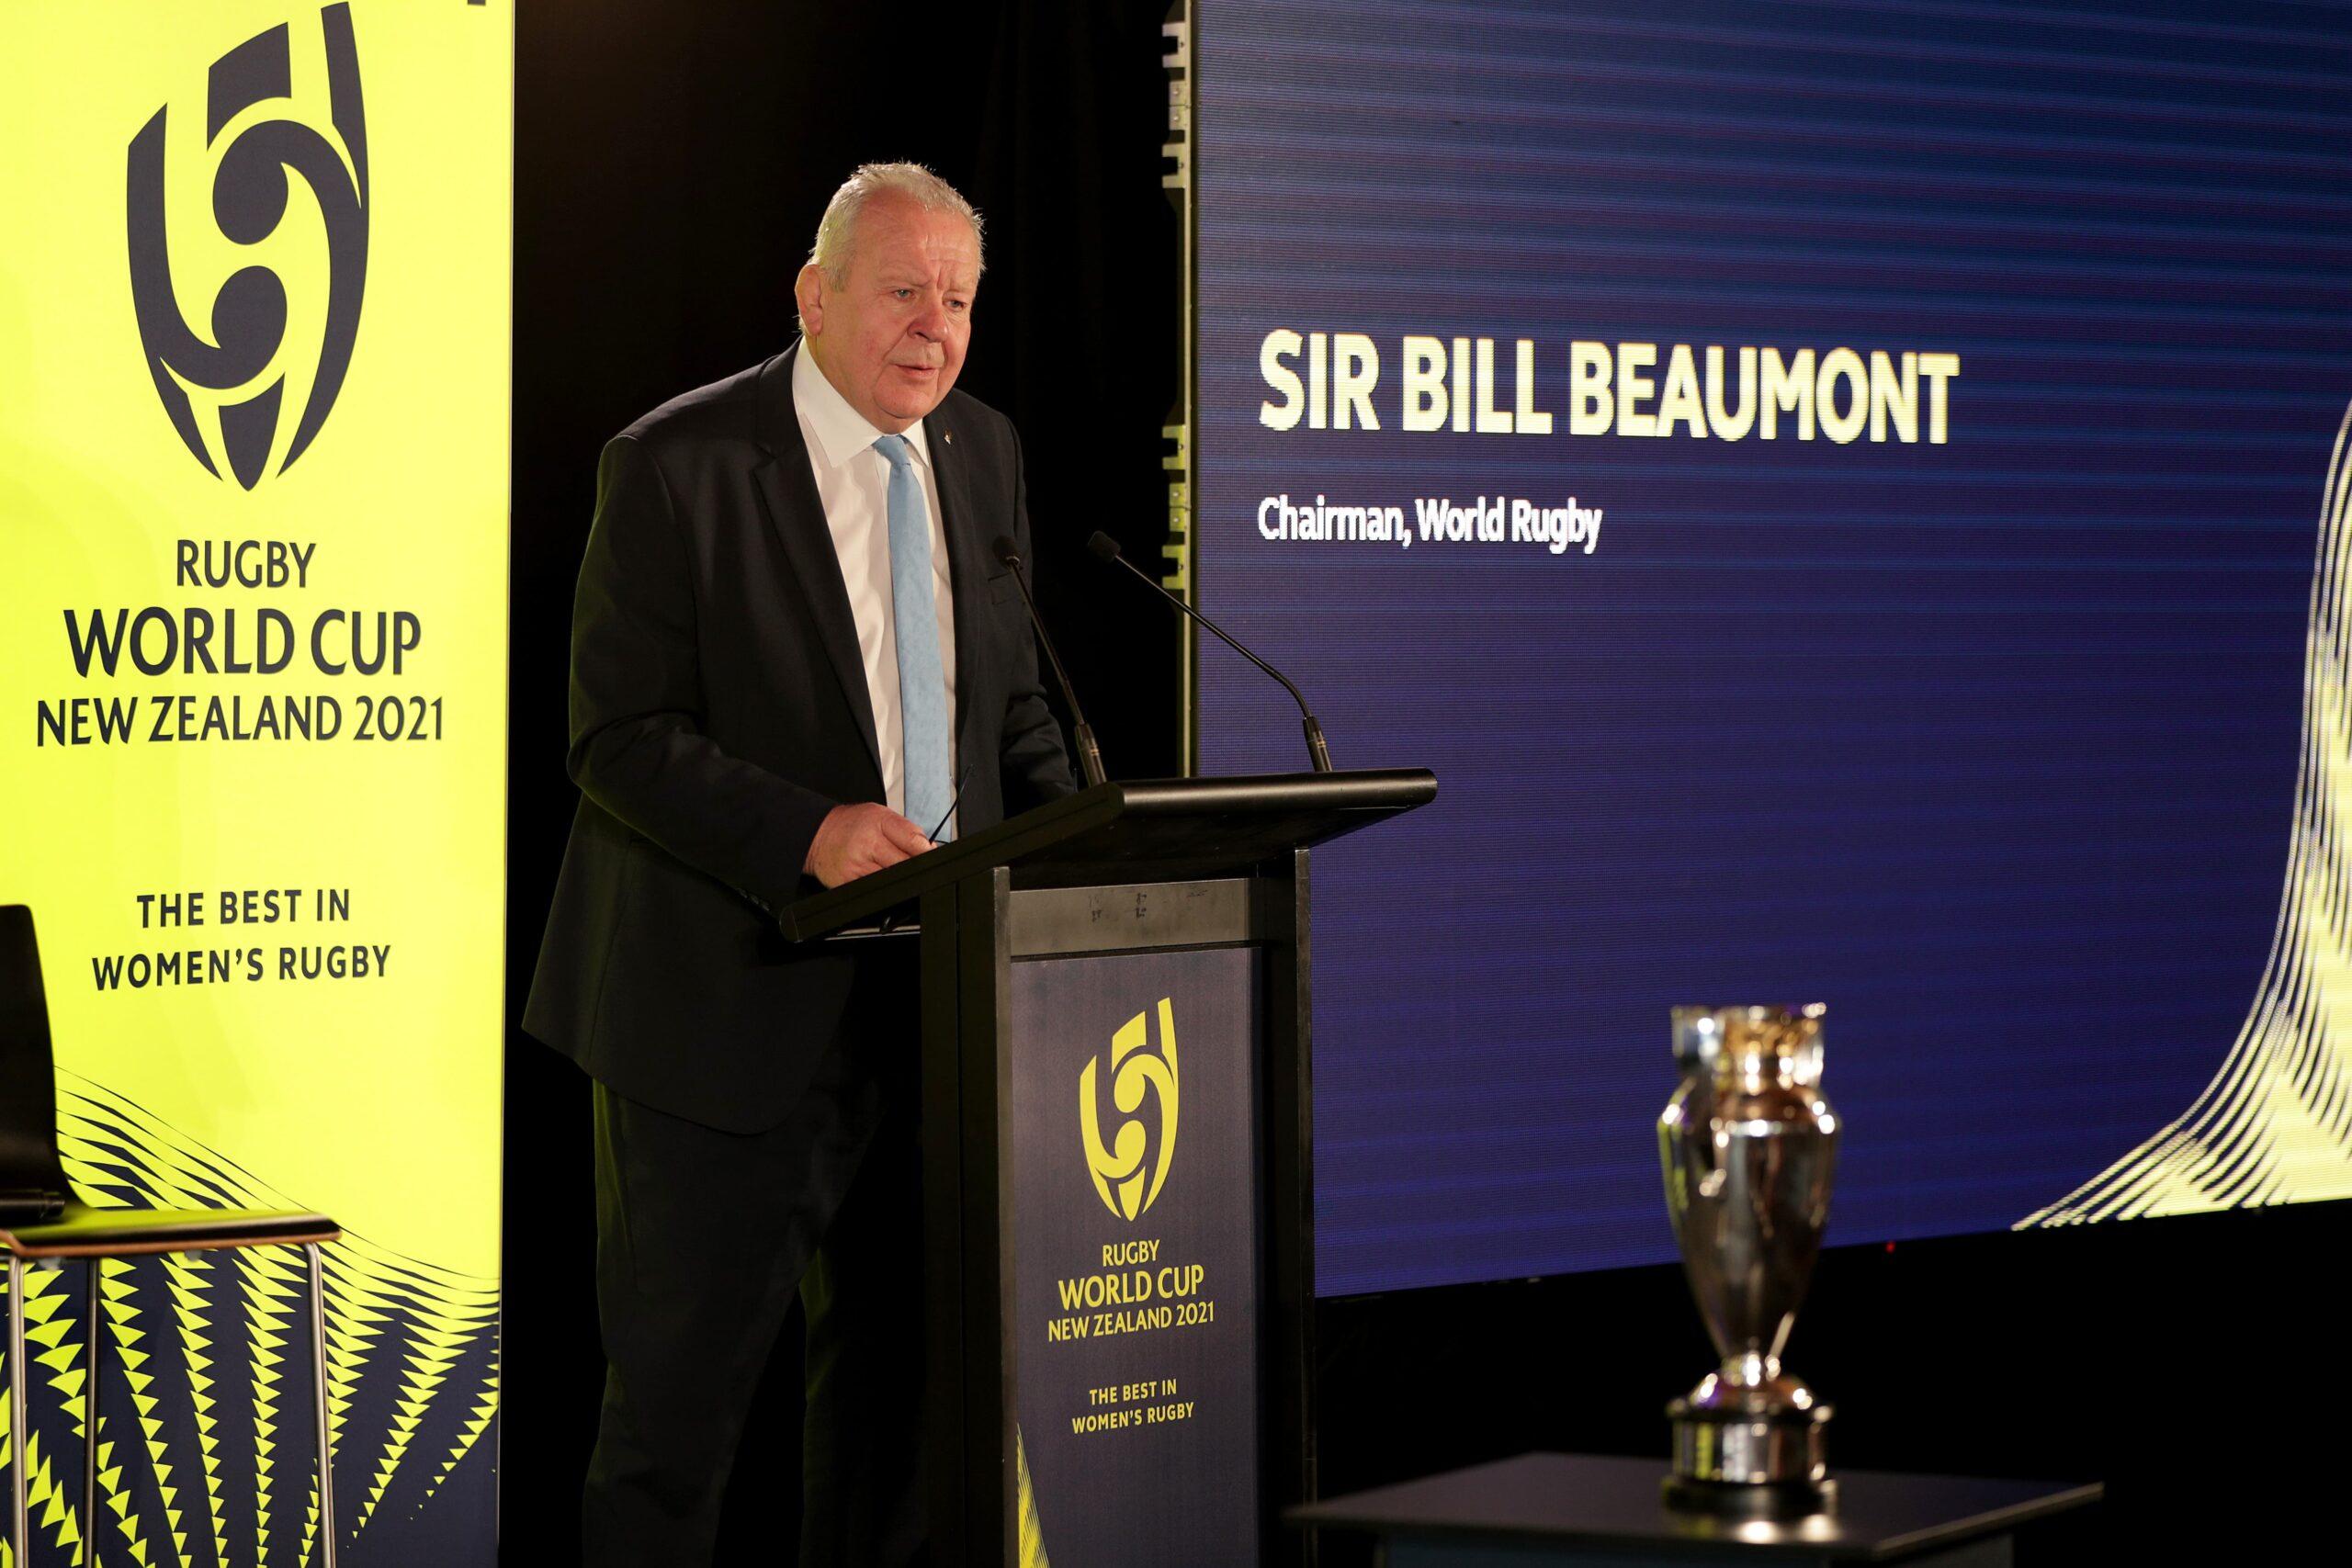 Sir Bill Beaumont Open Letter Regarding Player Safety